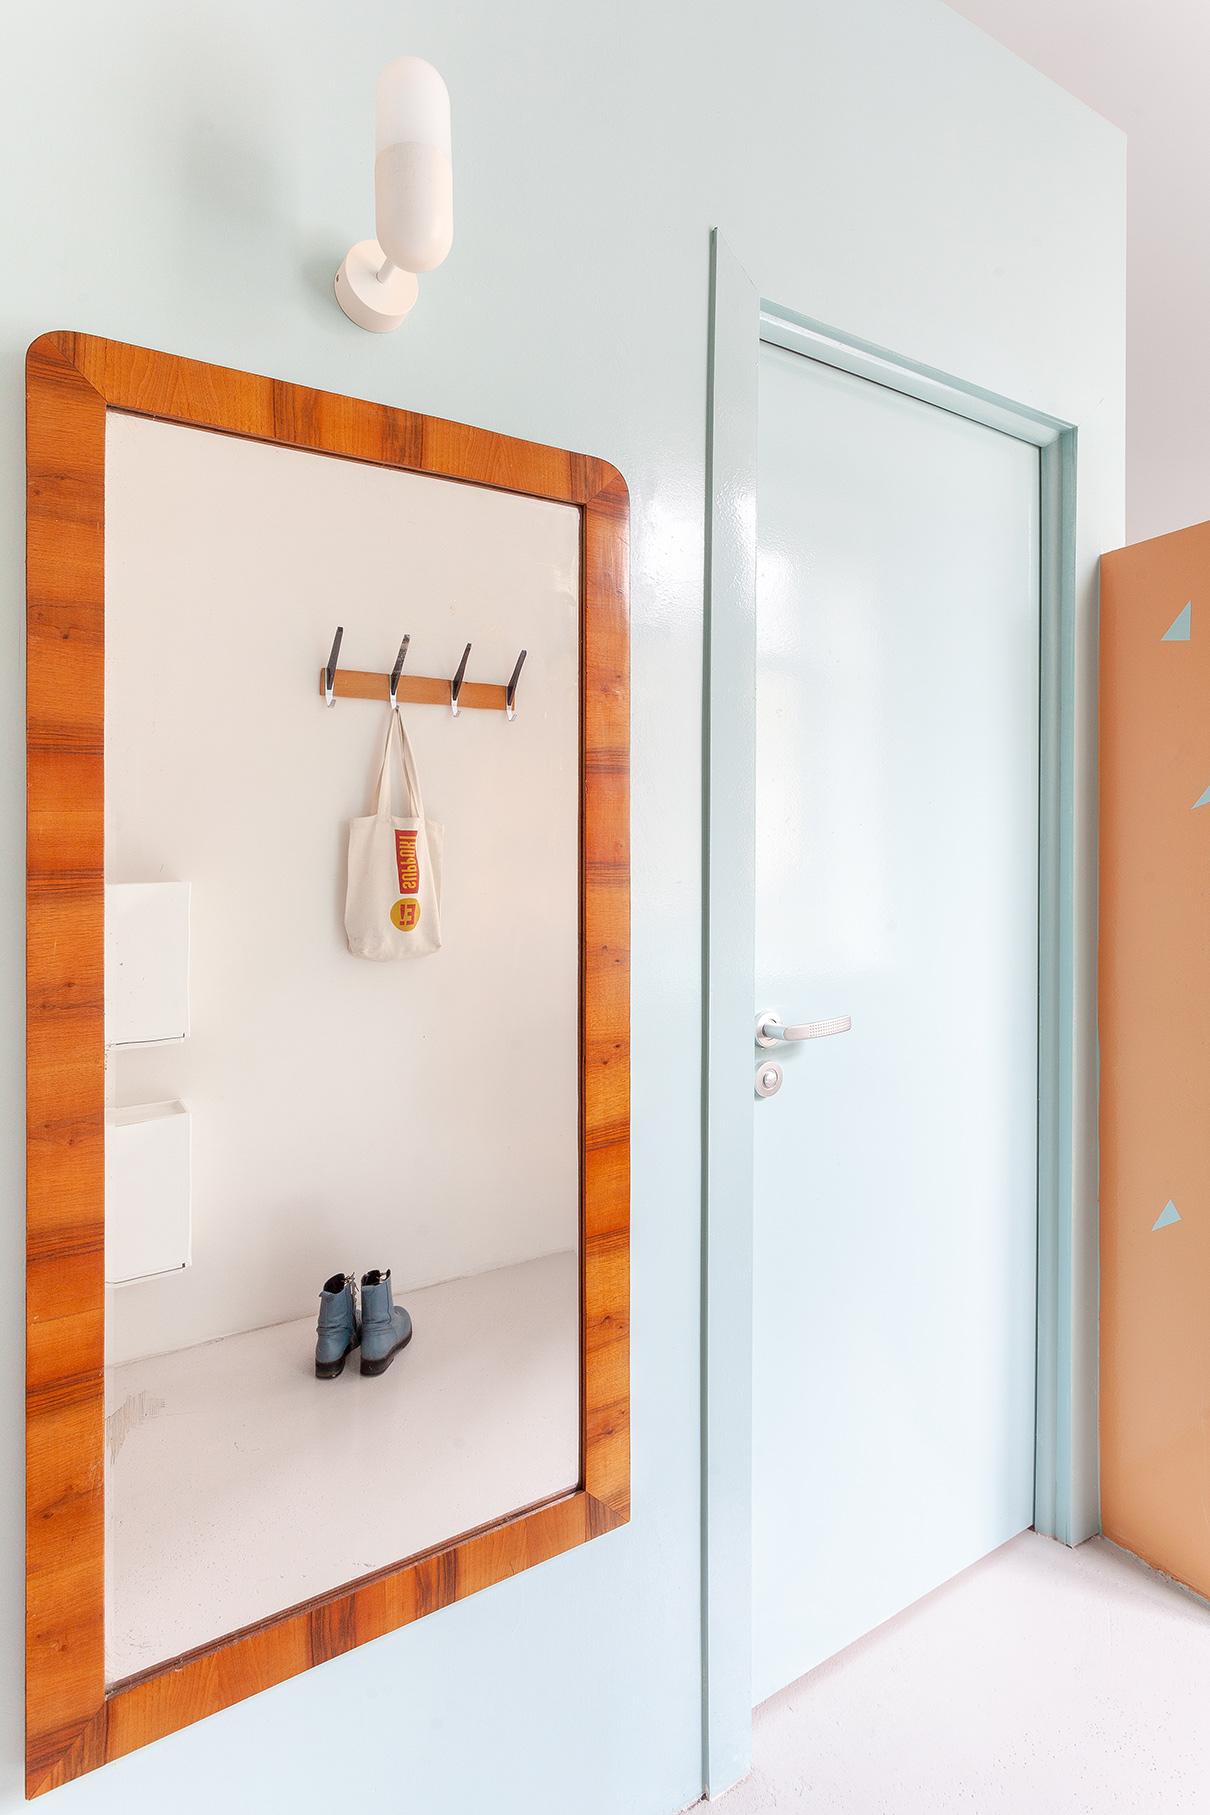 В апартаментах дизайнеры установили массивное винтажное зеркало и советскую вешалку